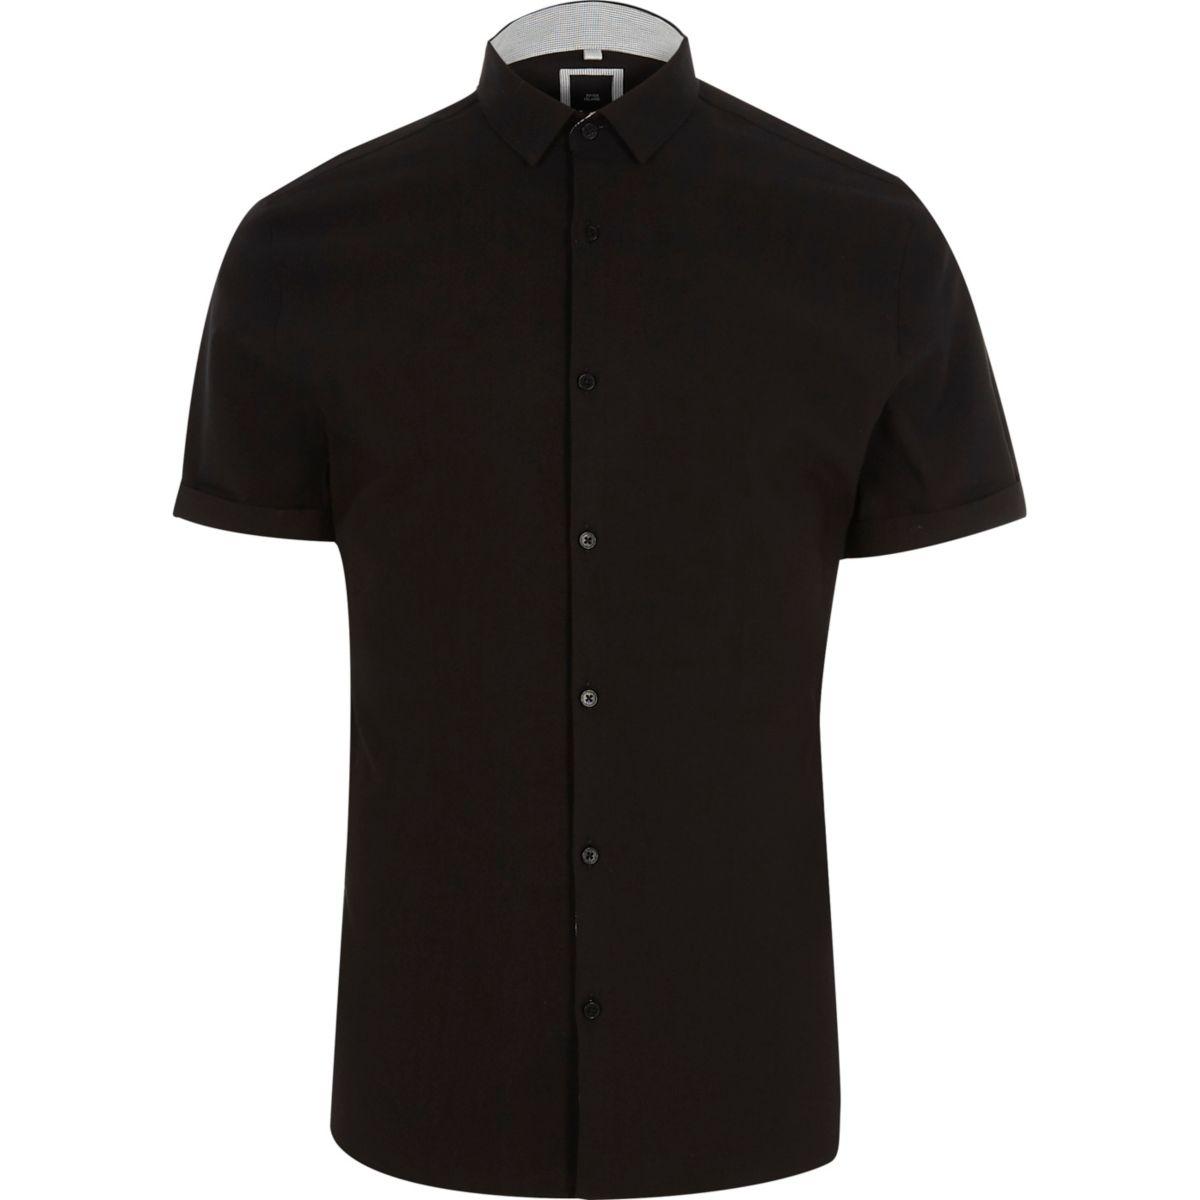 Chemise ajustée noire habillée à manches courtes